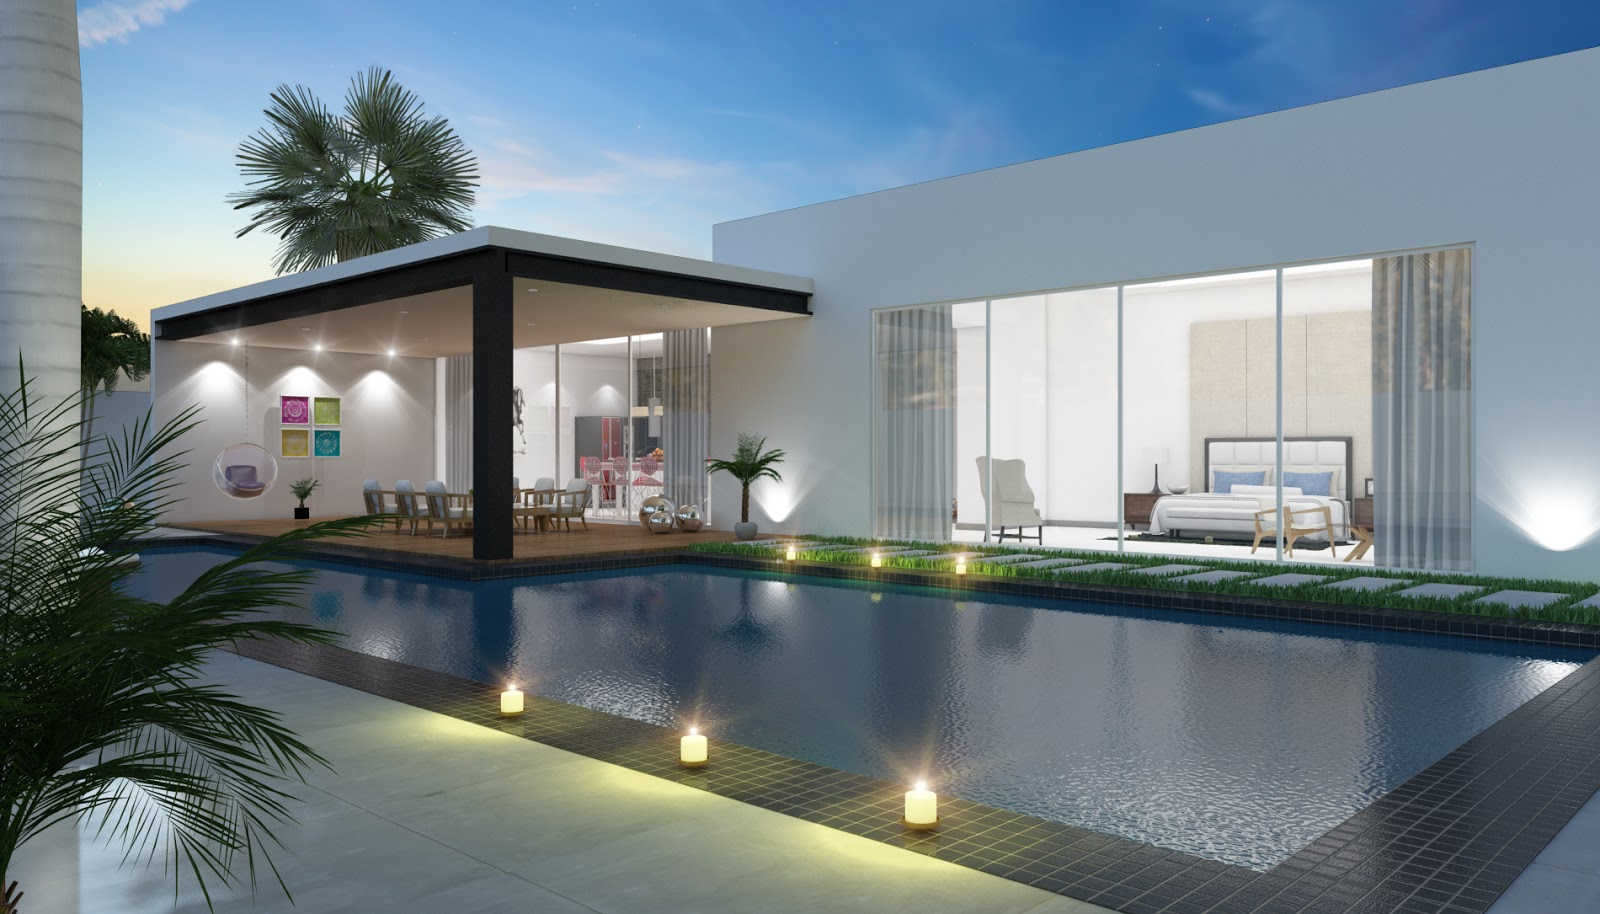 Casa con alberca hybrido studio for Casa minimalista con alberca